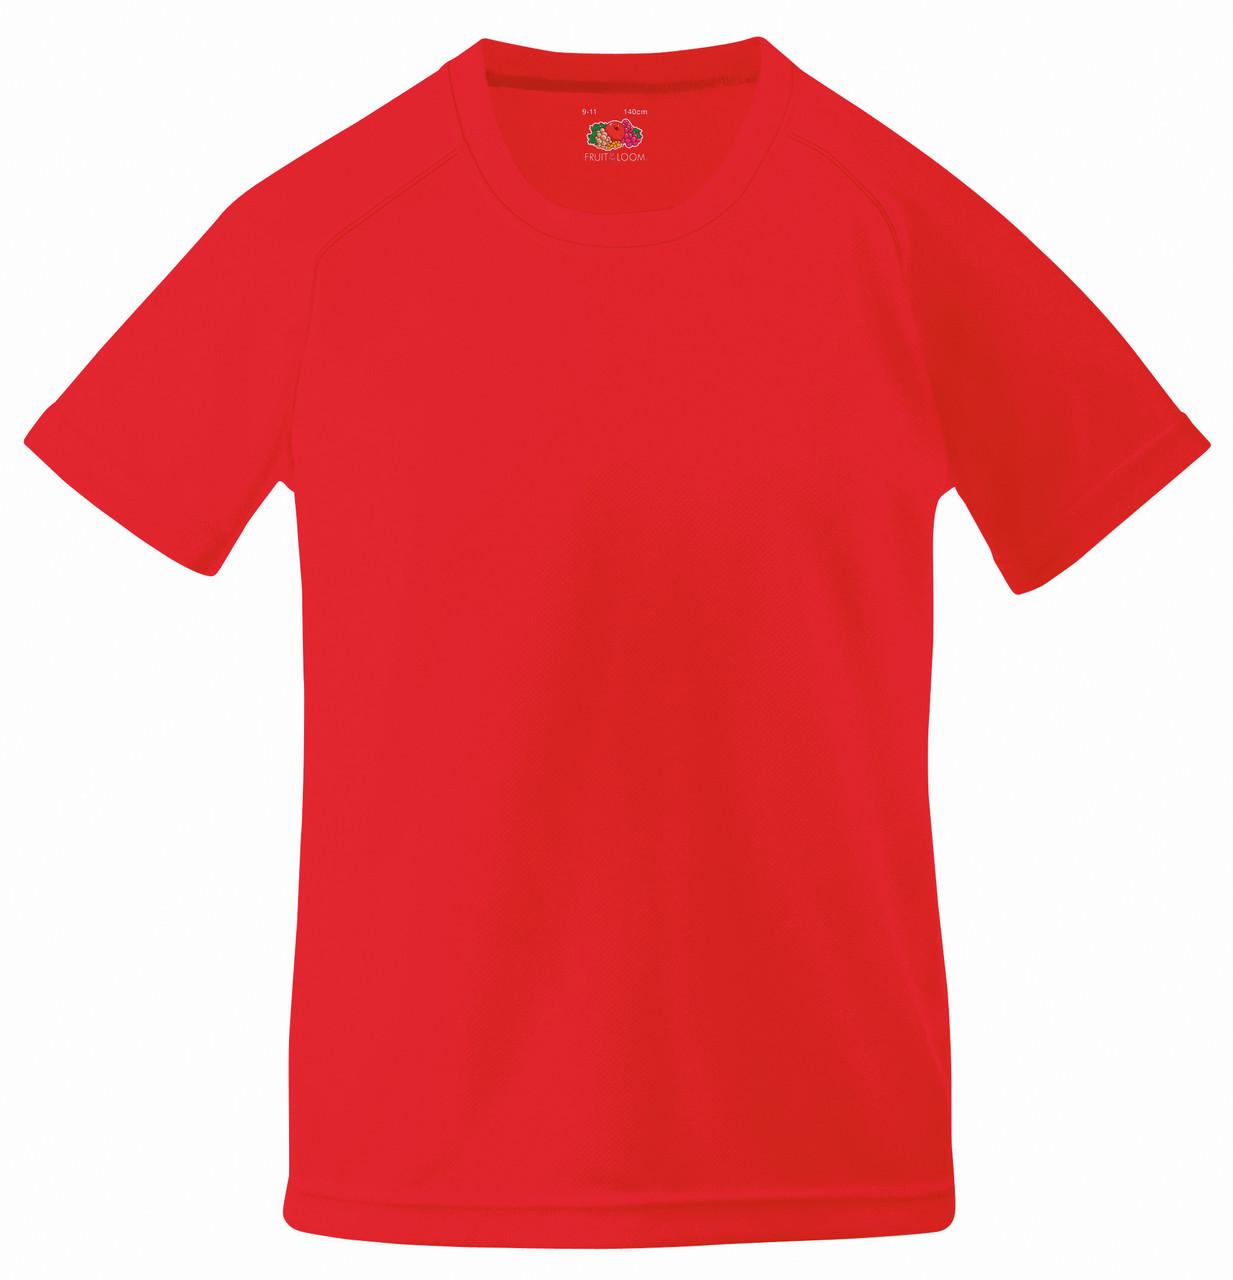 Детская Спортивная Футболка Красная Fruit of the loom 61-013-40 9-11